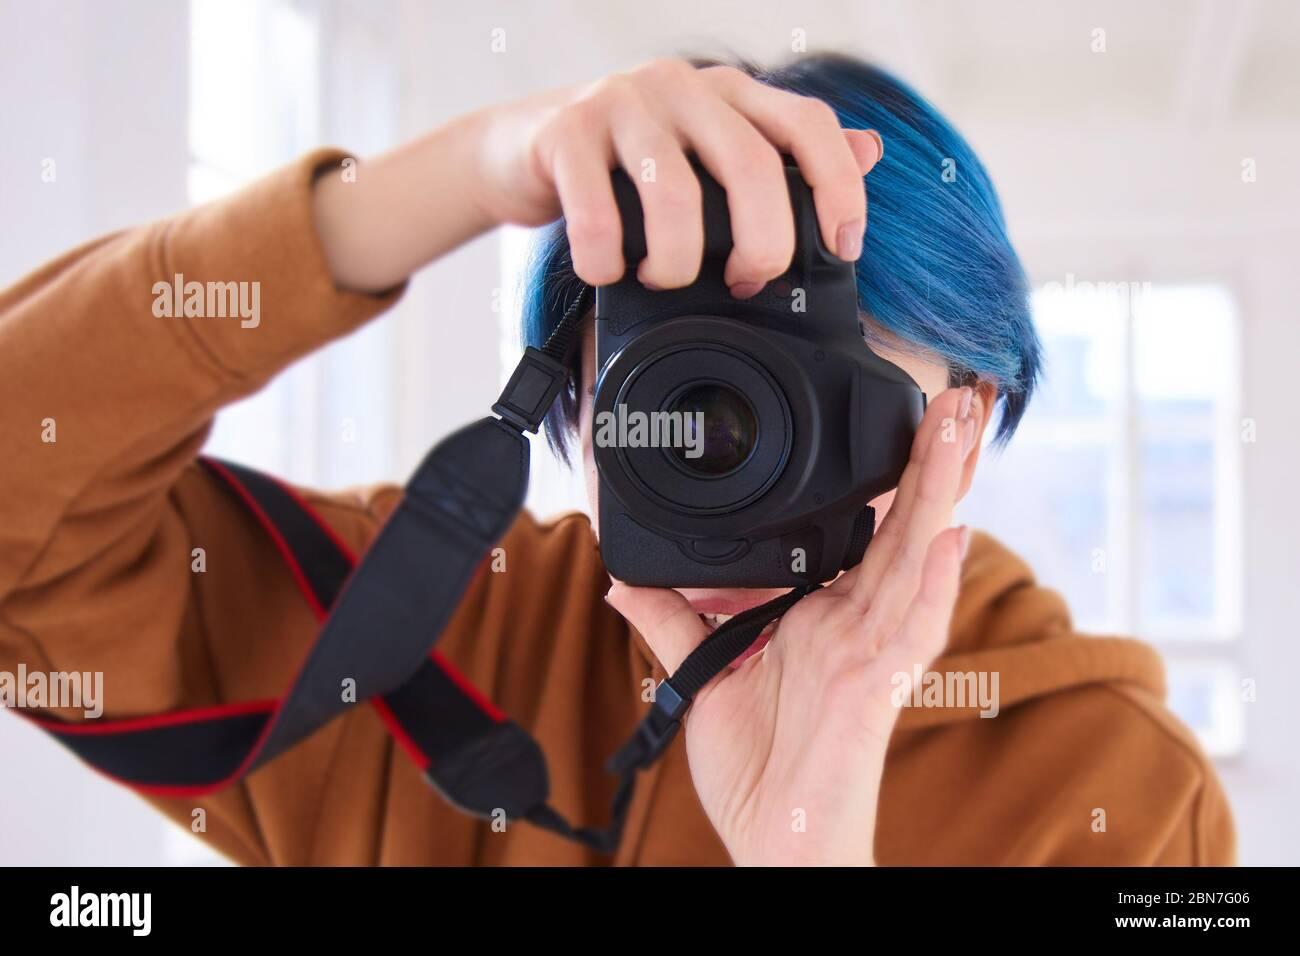 hipster chica sosteniendo cámara y tomando fotos. primer plano de la mano de la joven con cámara profesional en el estudio. concepto del día de la fotografía mundial Foto de stock